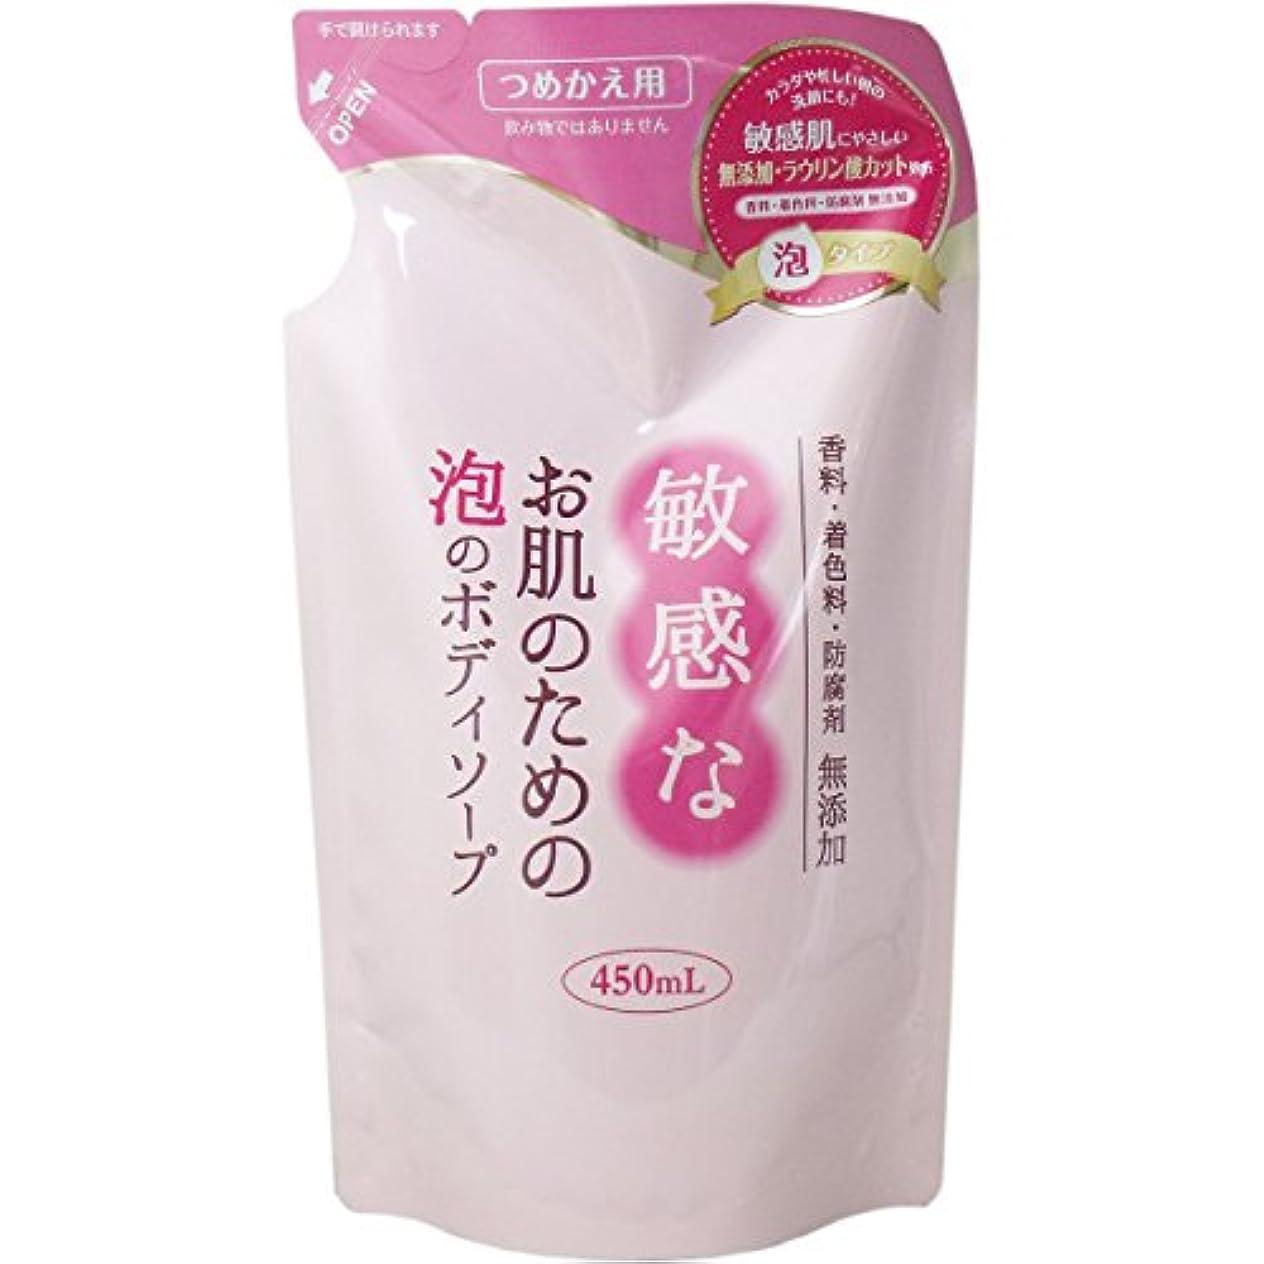 がんばり続ける飼料型敏感なお肌のための泡のボディソープ 詰替 450mL CBH-FBR